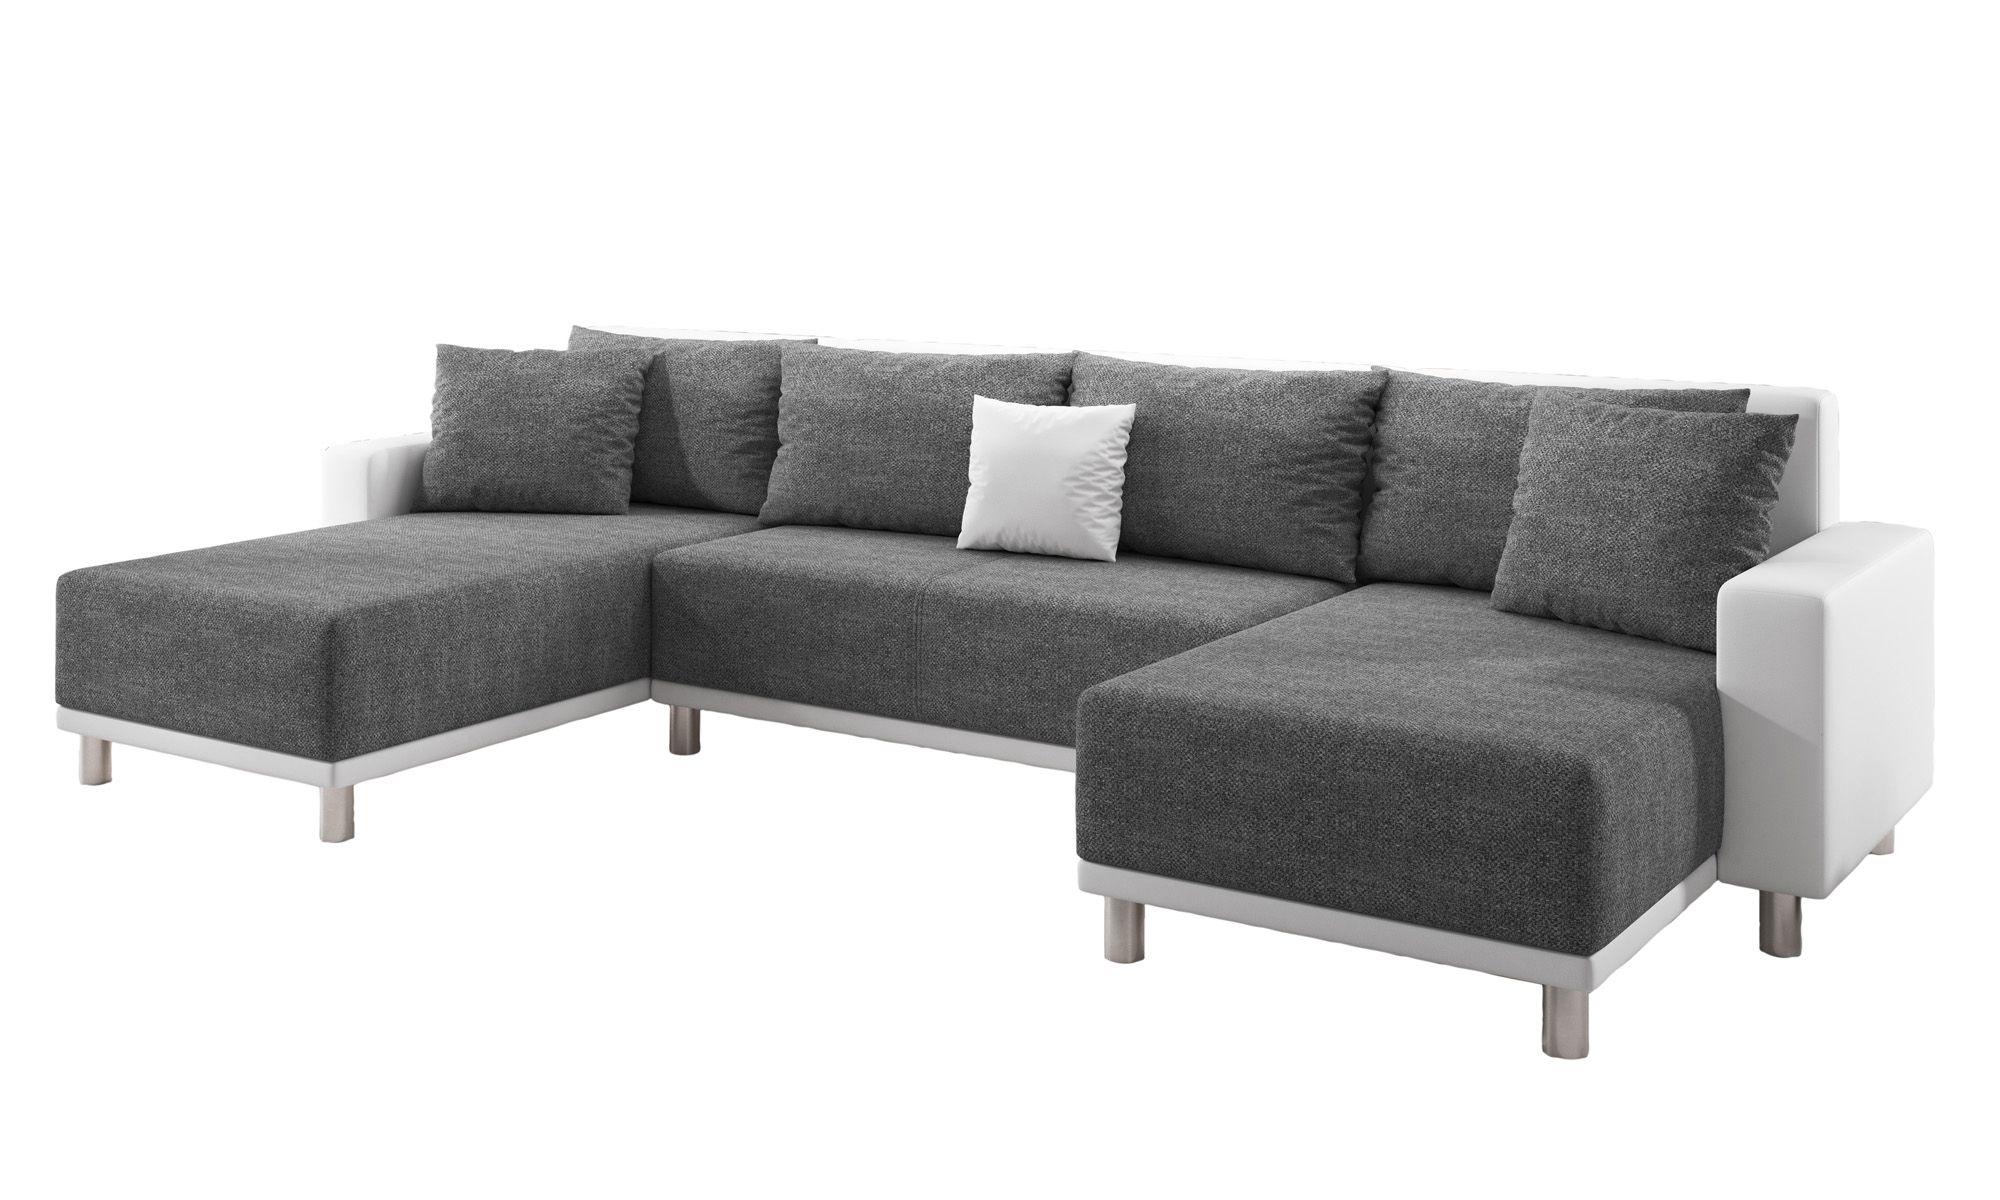 Schlafsofa U Form Grau Sofa U Form Ideen Wohnlandschaft